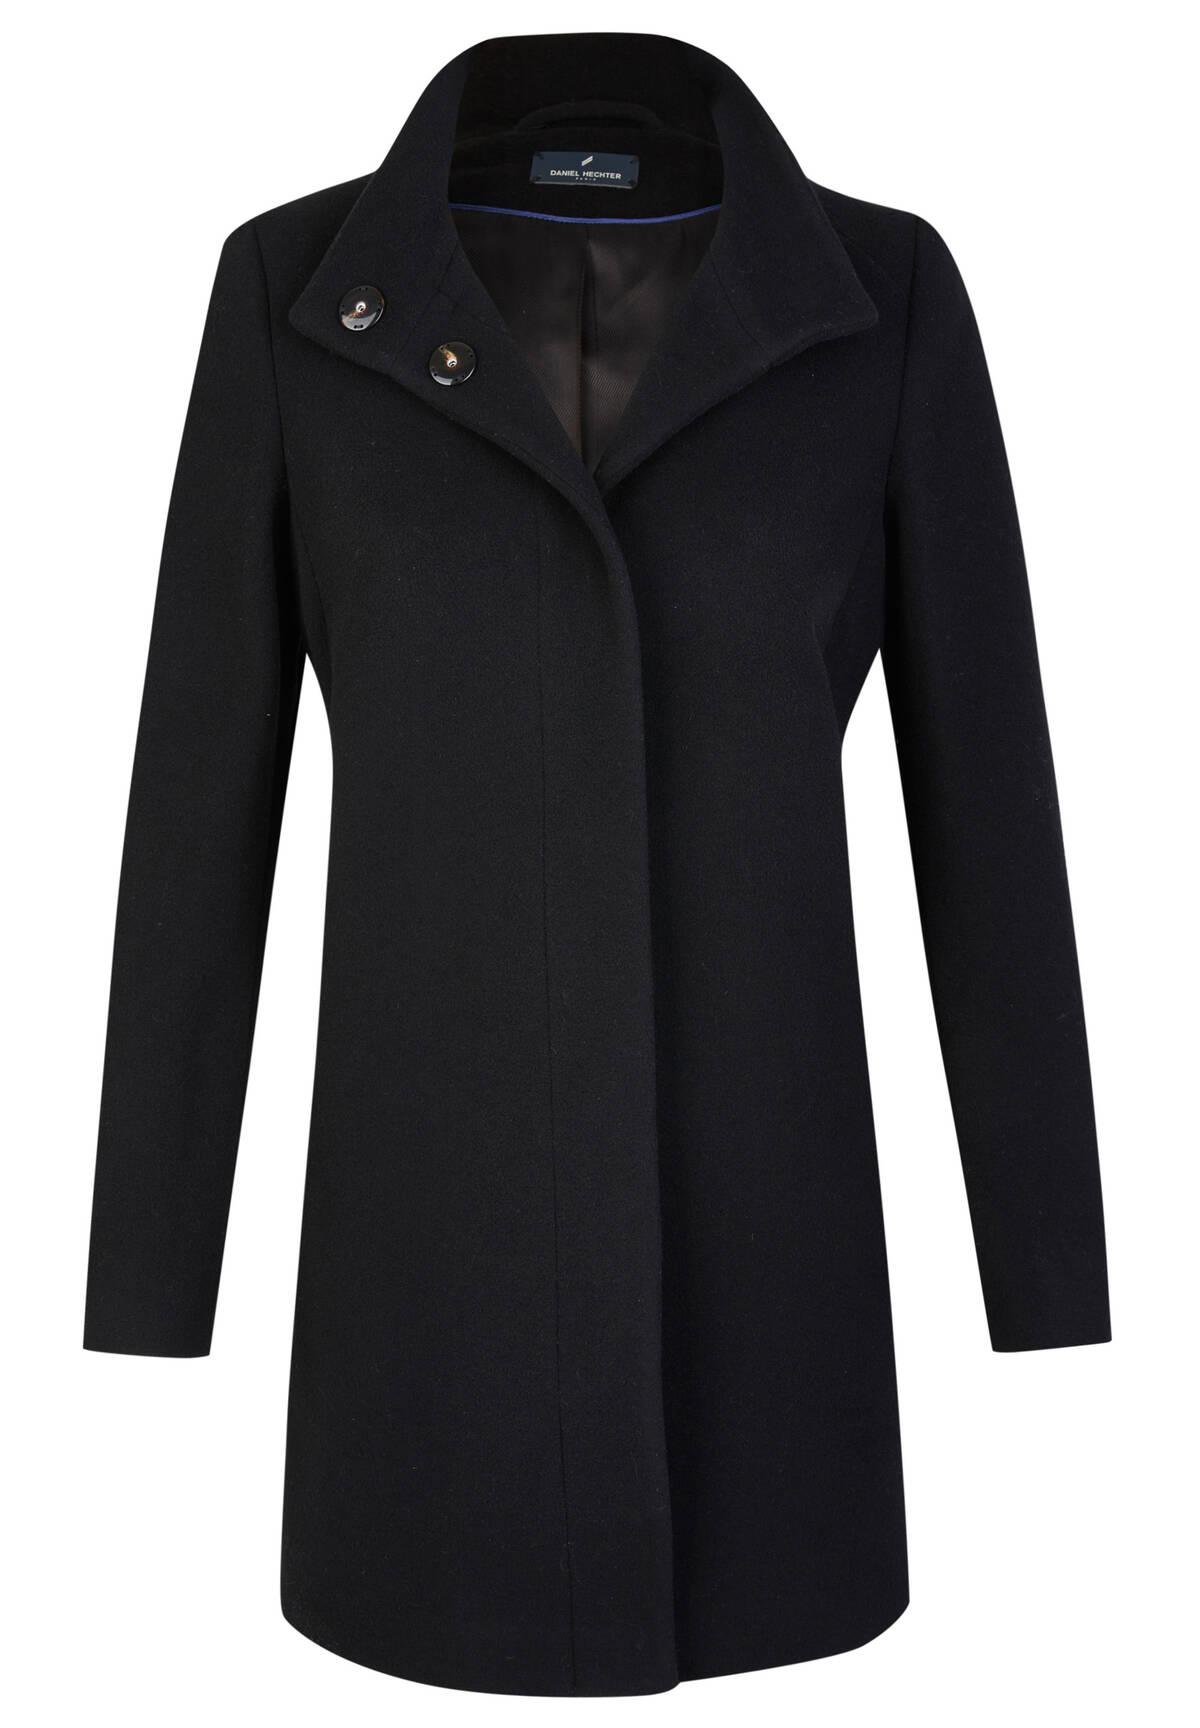 Moderner Mantel / Coat